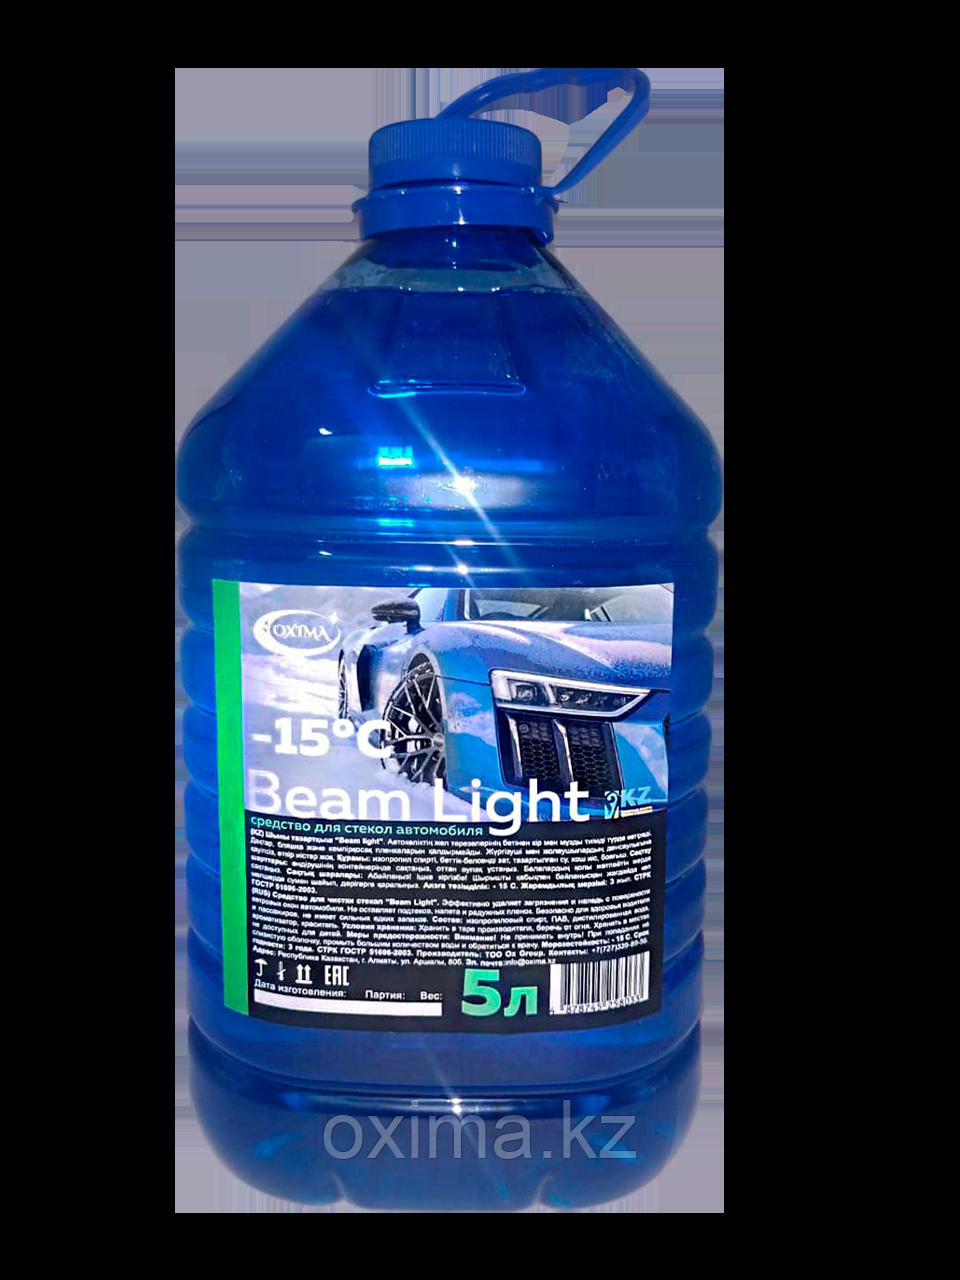 Стеклоочиститель до - 15 градусов Clean Shine для авто (Незамерзайка)